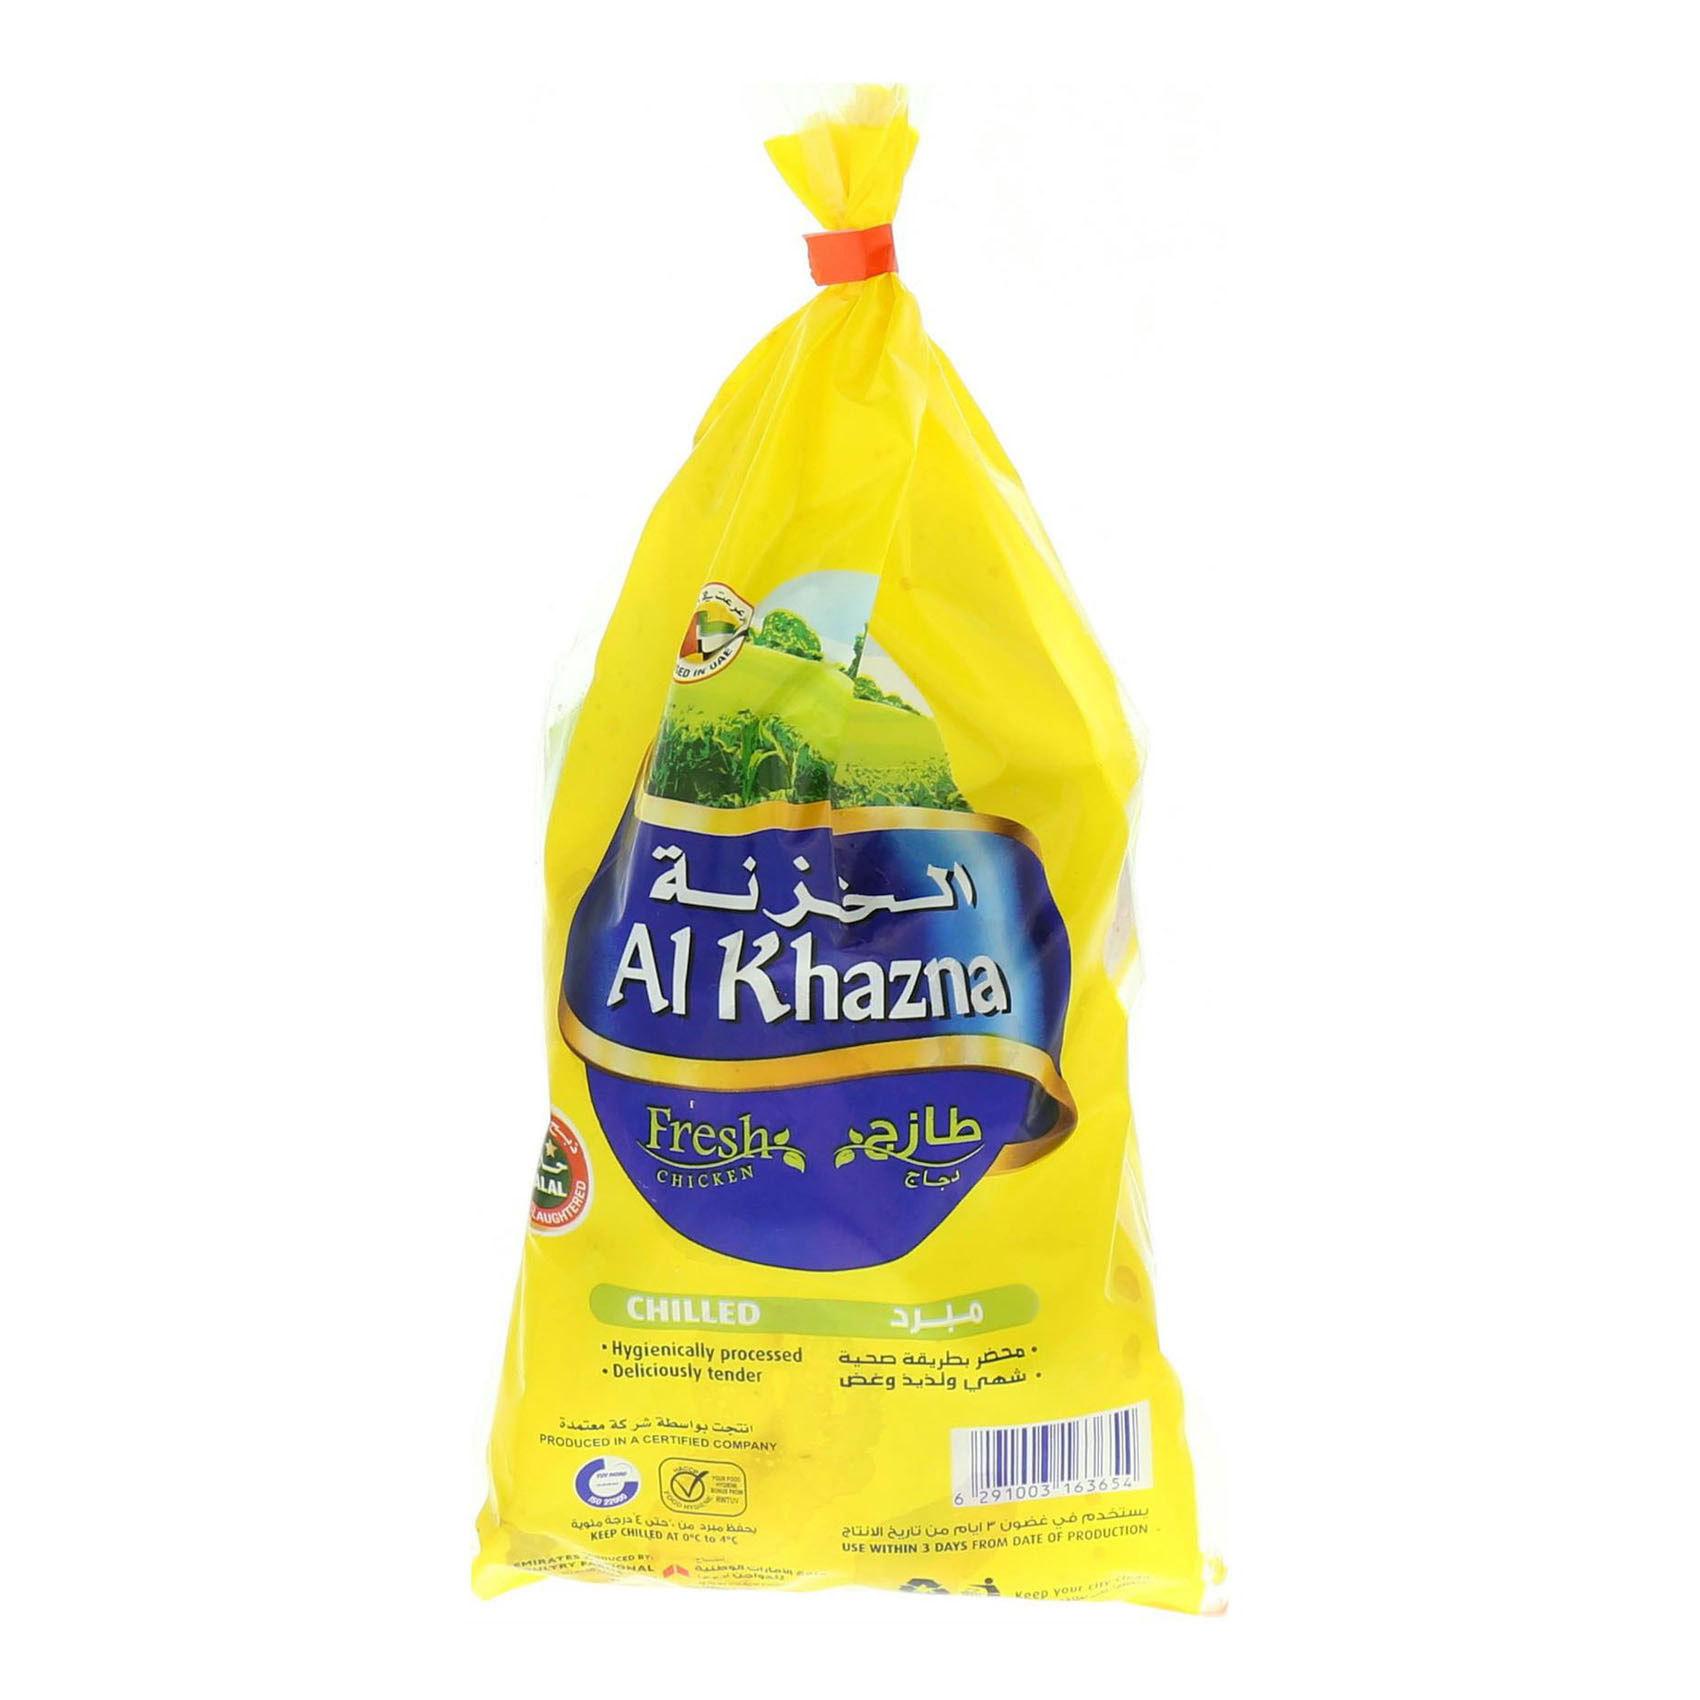 AL KHAZNA CHICKEN FRESH 700G